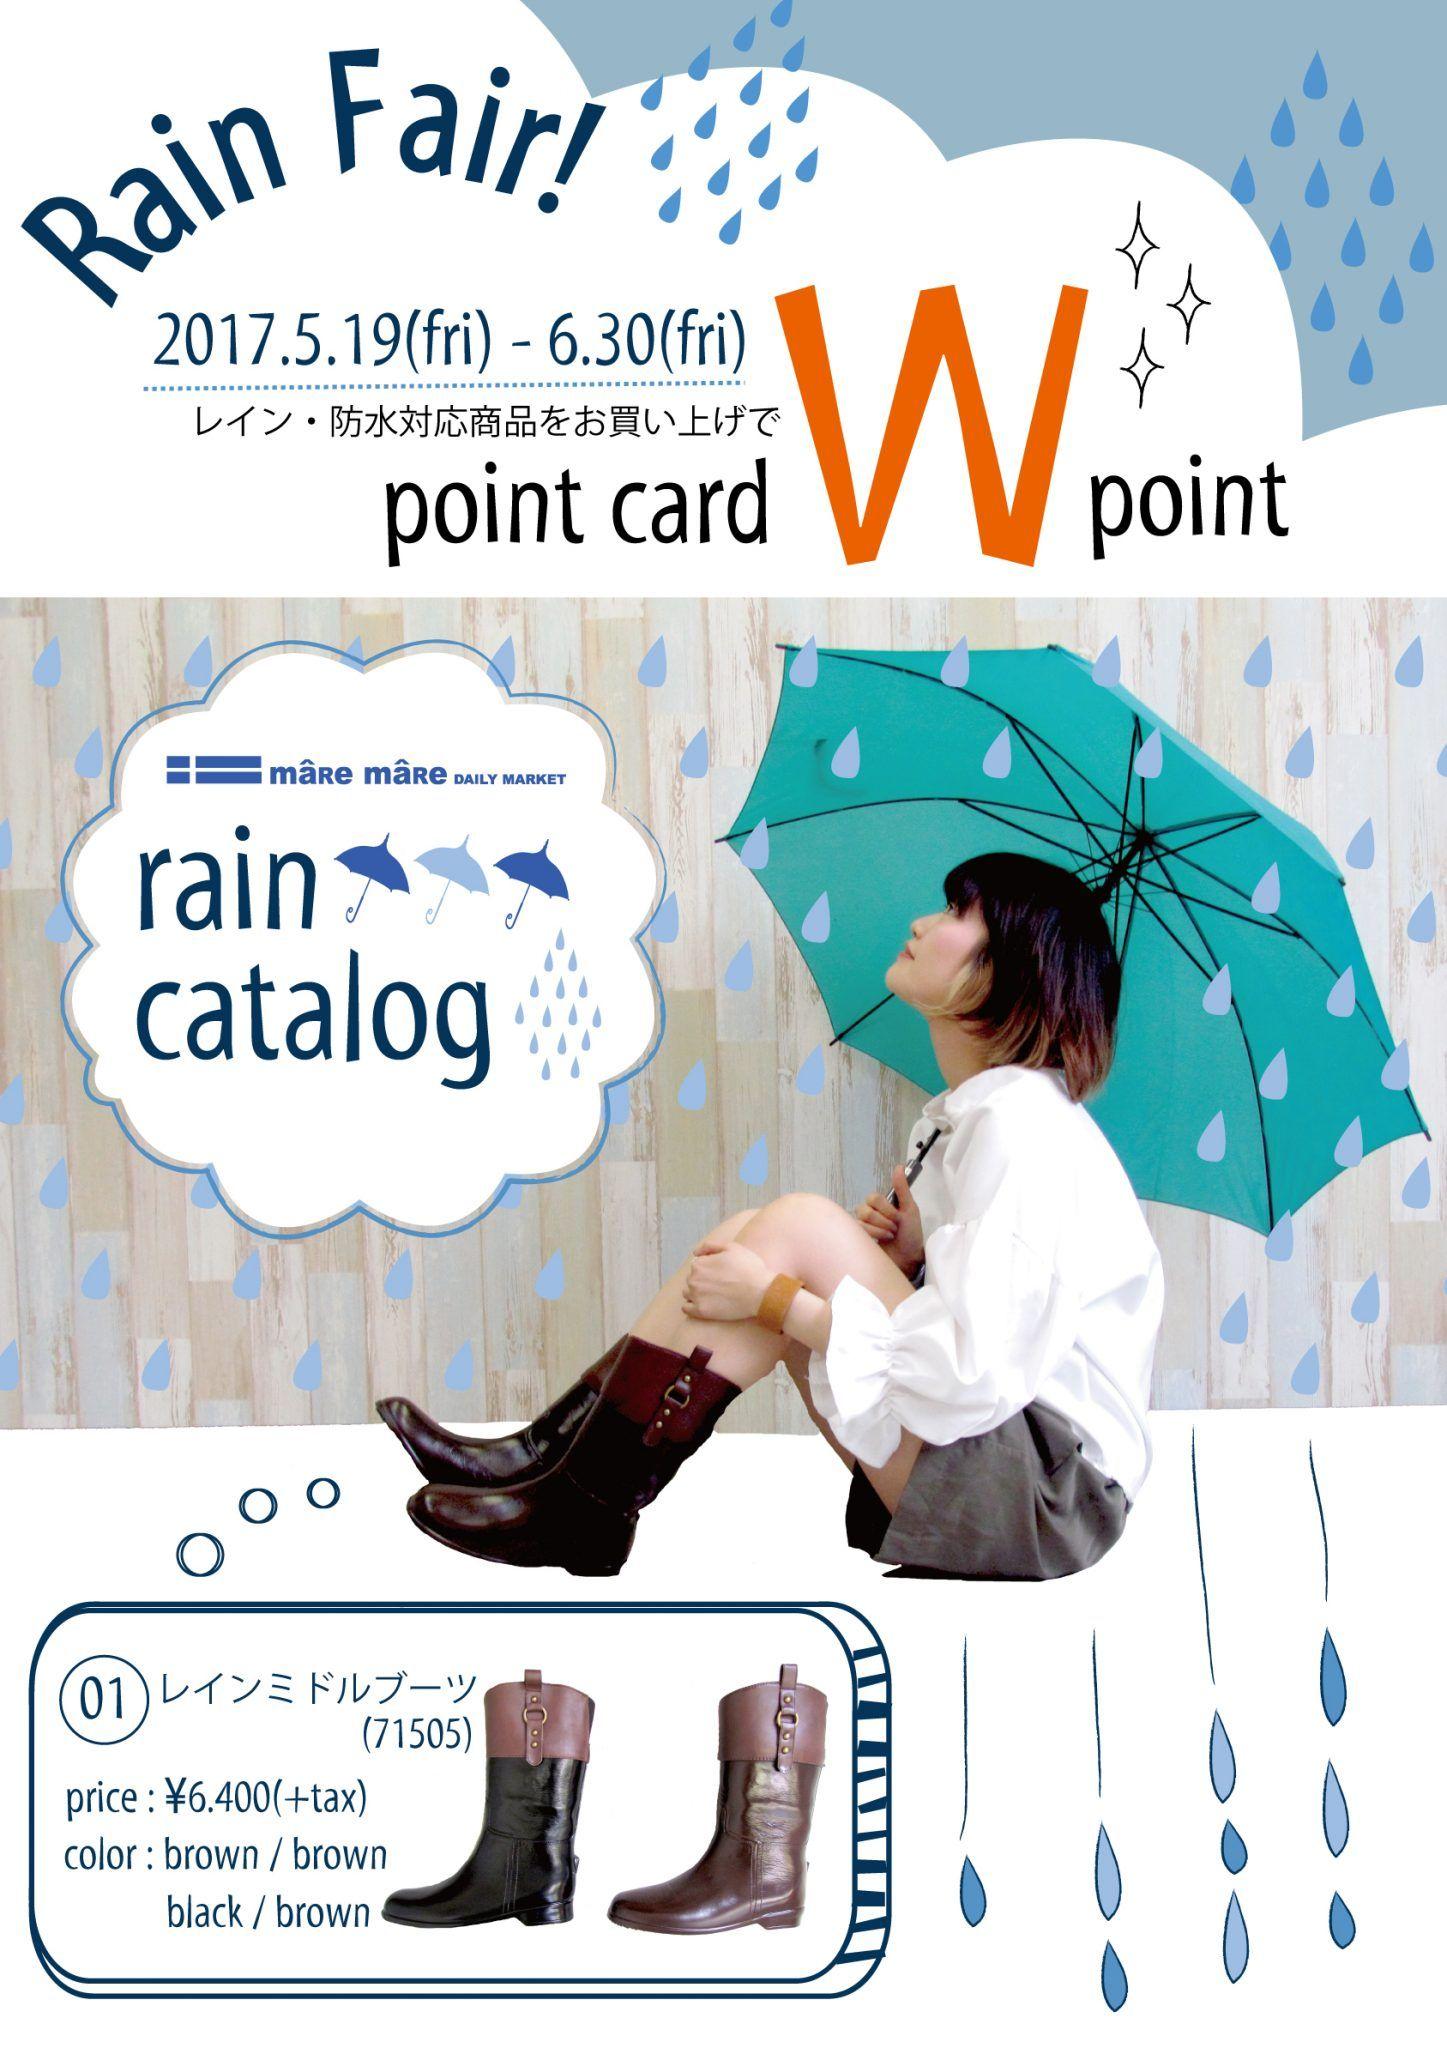 「雨、梅雨」おしゃれまとめの人気アイデア|Pinterest|Ting YI サムネ, 梅雨, デザイン